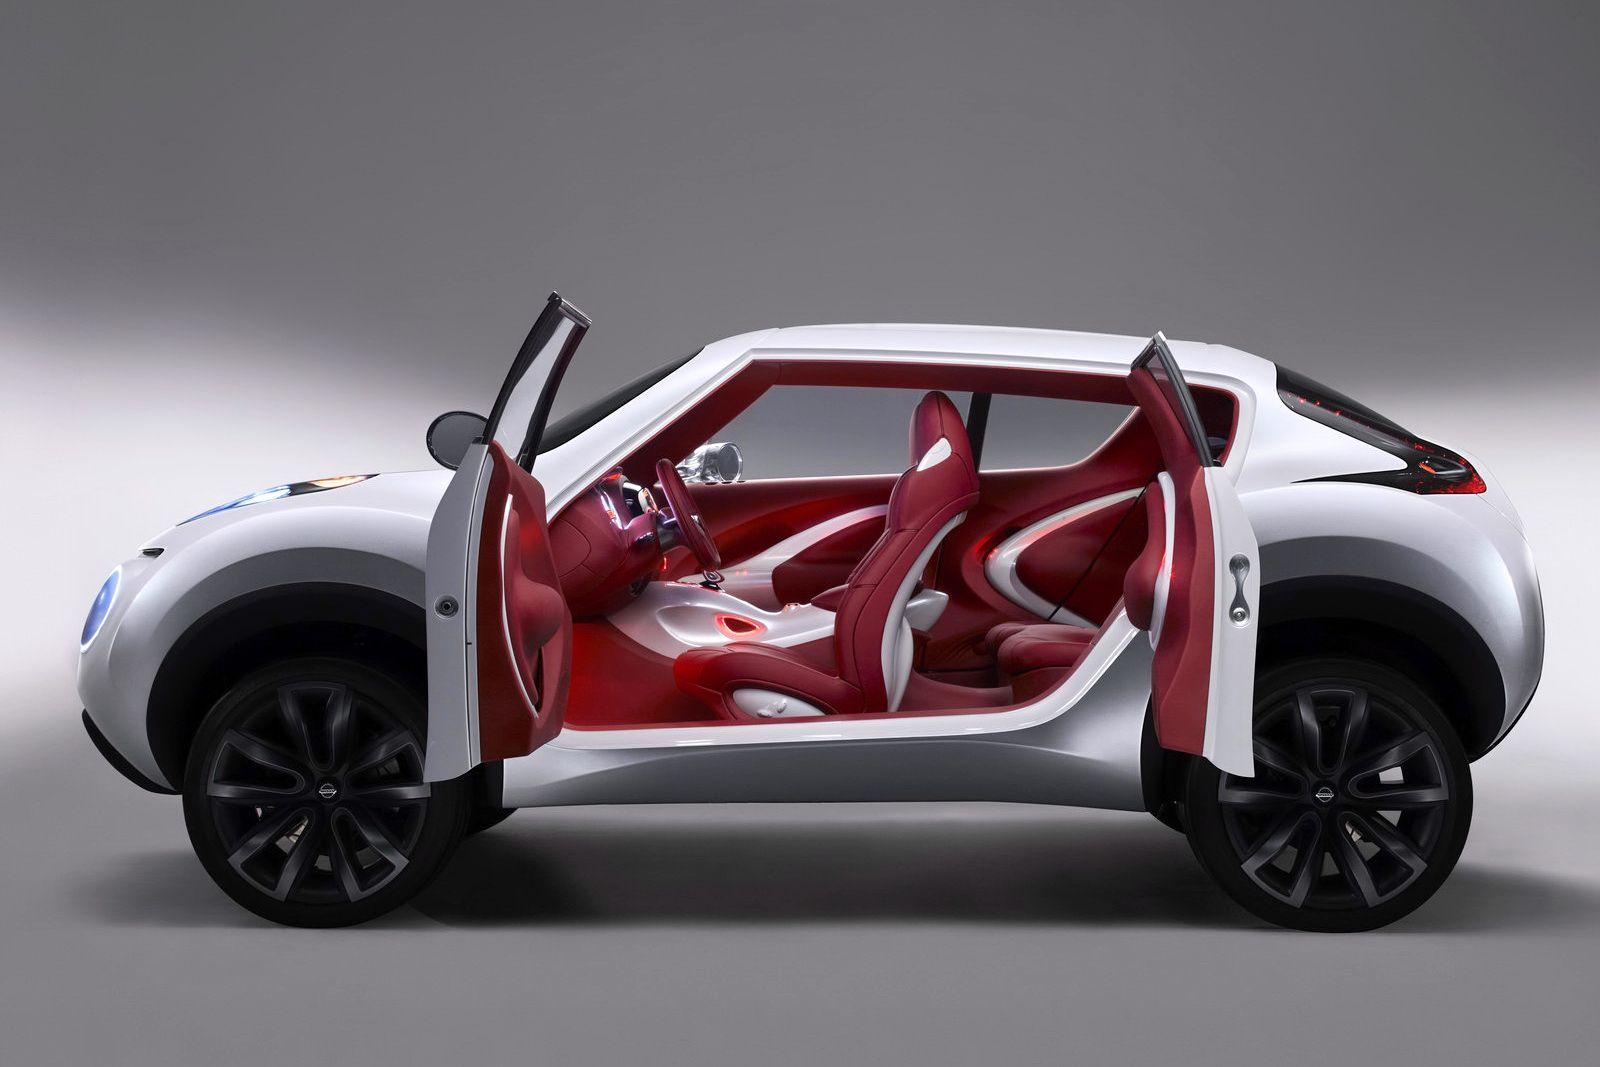 Nissan Juke With Images Nissan Juke Nissan Juke Interior